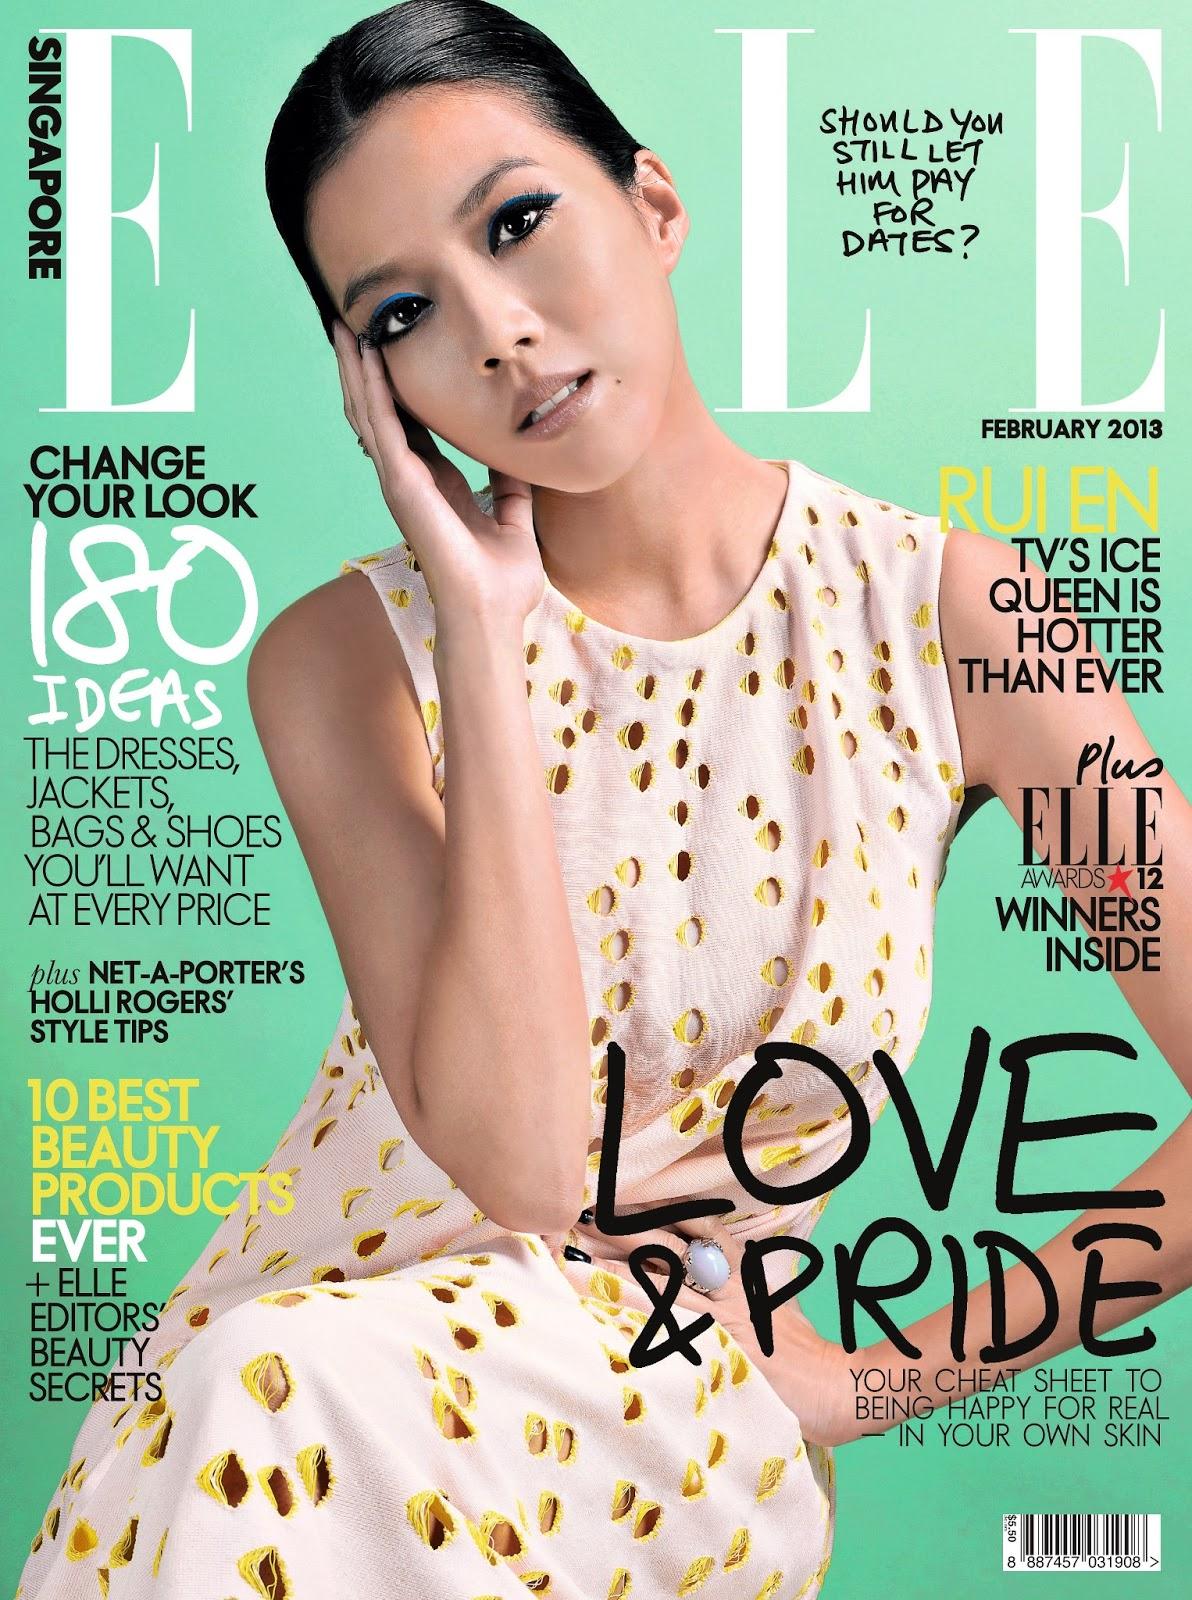 http://2.bp.blogspot.com/-WR1OU5XCk84/USRDr8PD-2I/AAAAAAABI5E/8D9GrWfzFFQ/s1600/Elle-Singapore-February-2013-Rui-En-Cover.jpg